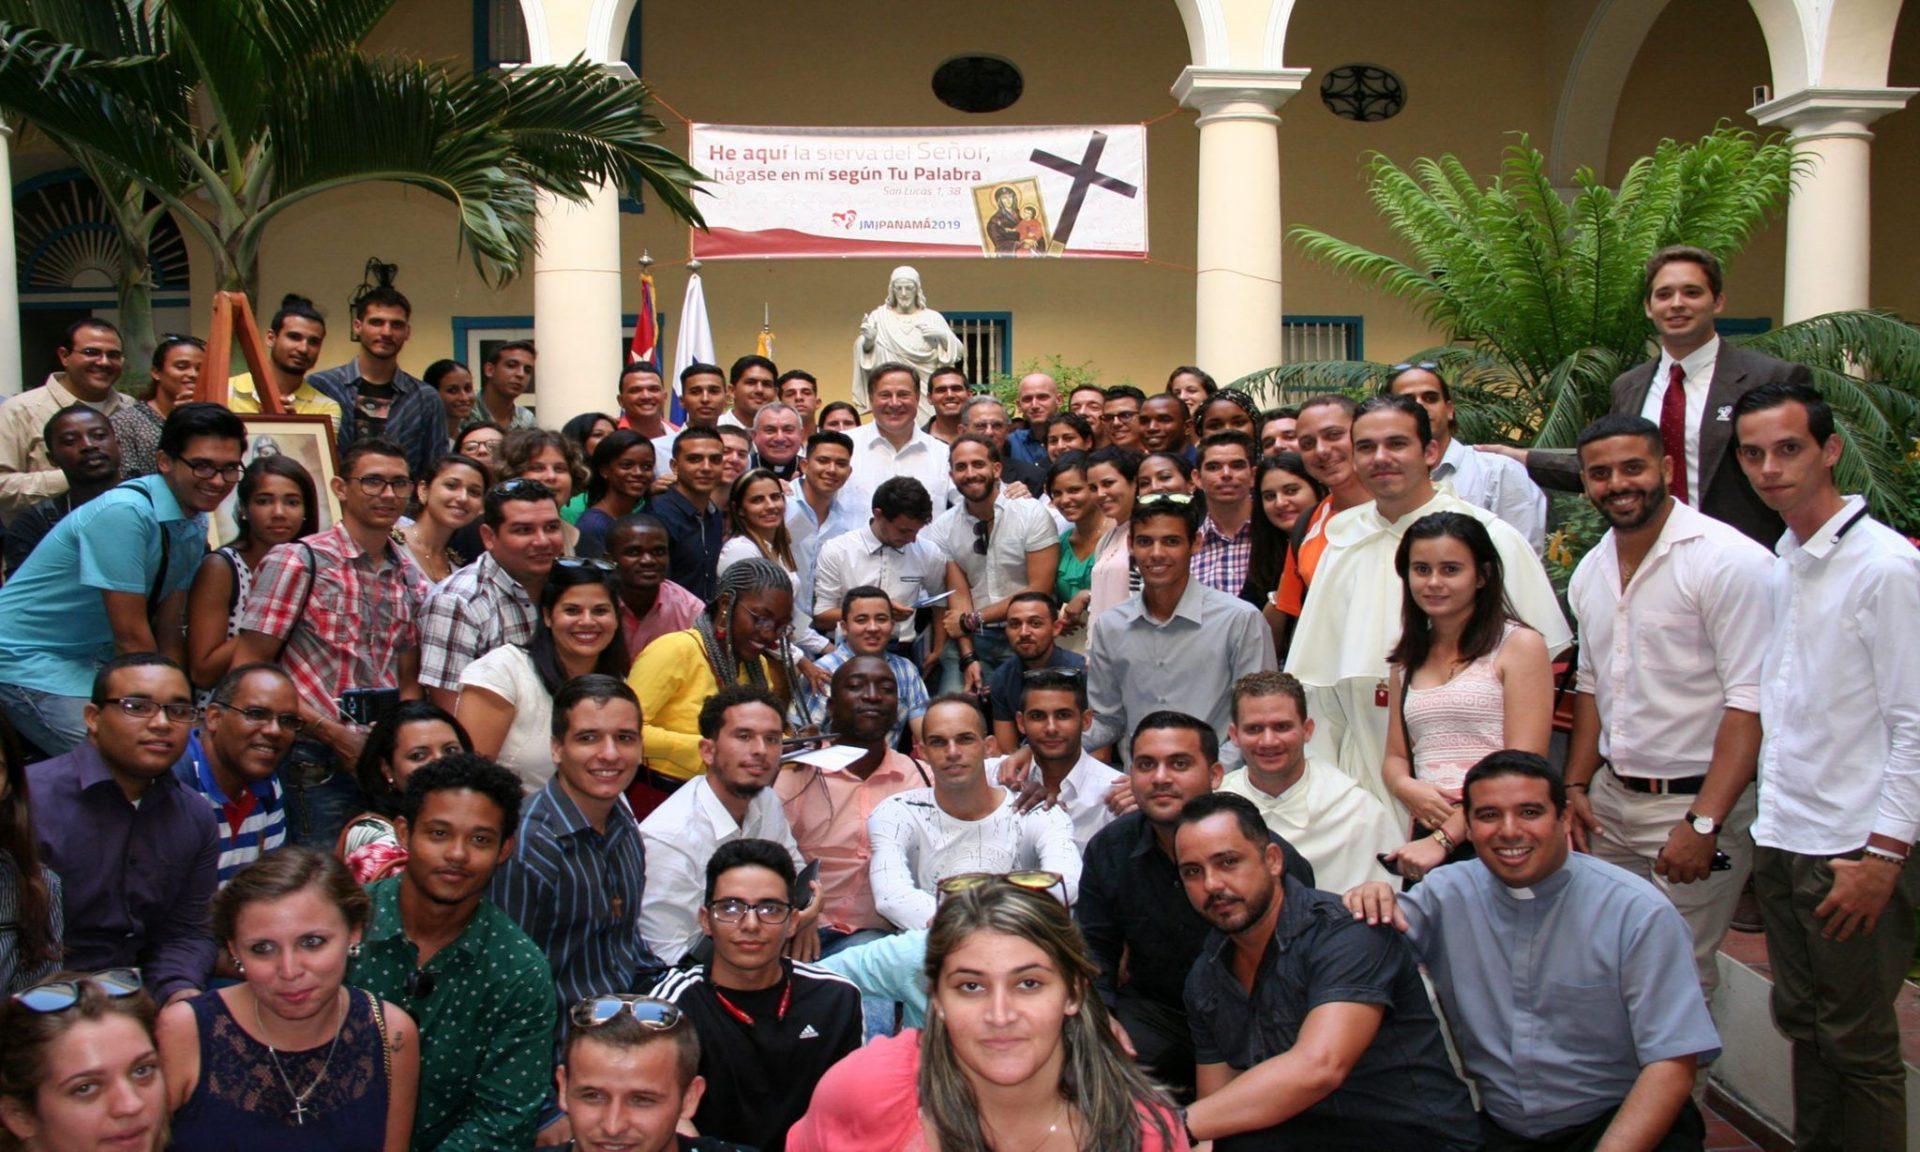 Sostiene presidente de Panamá encuentro con jóvenes católicos cubanos